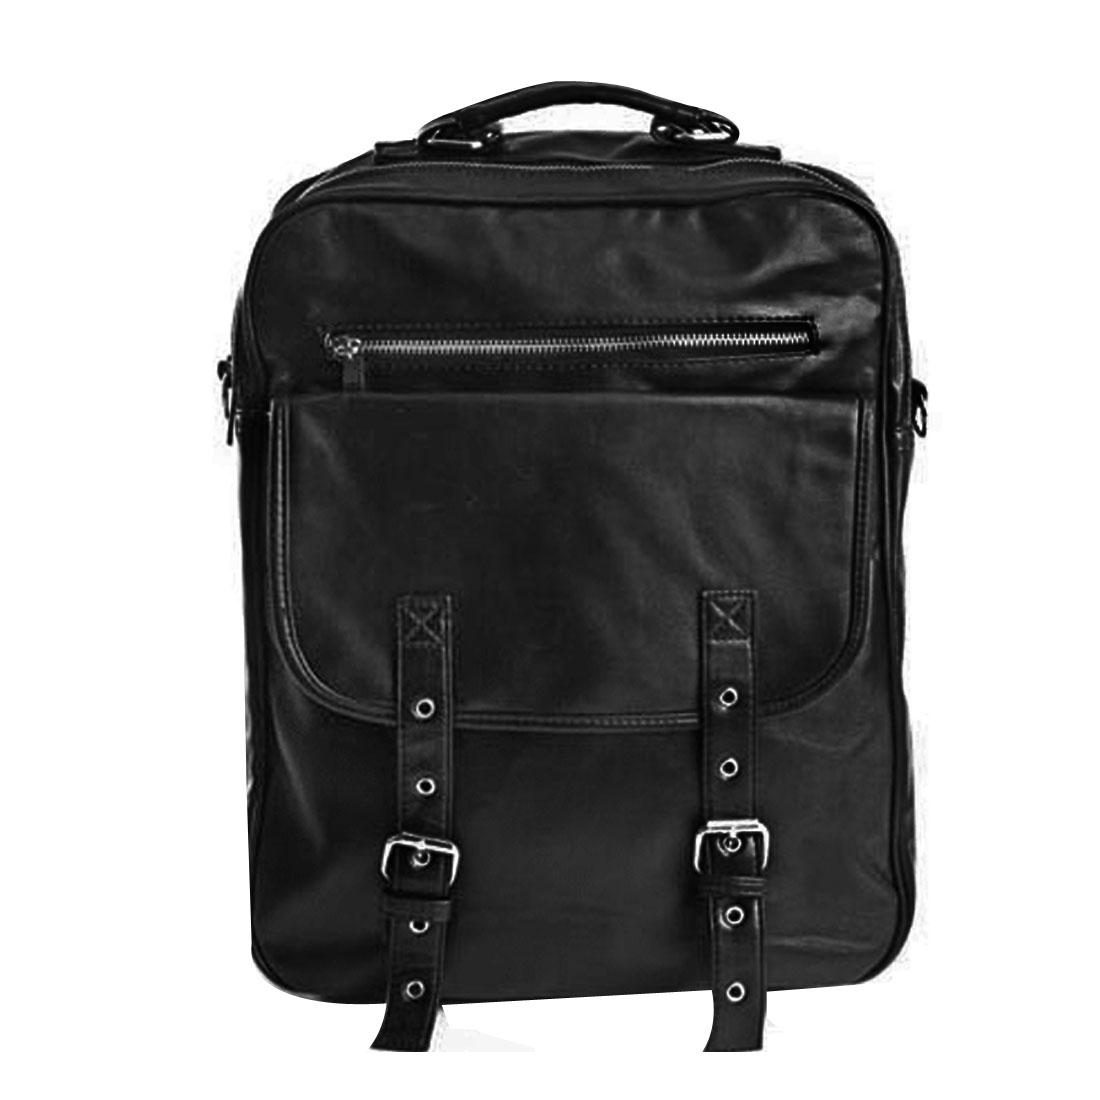 Mens Black Adjustable Strap Leather Look Rivet Decor Backpack